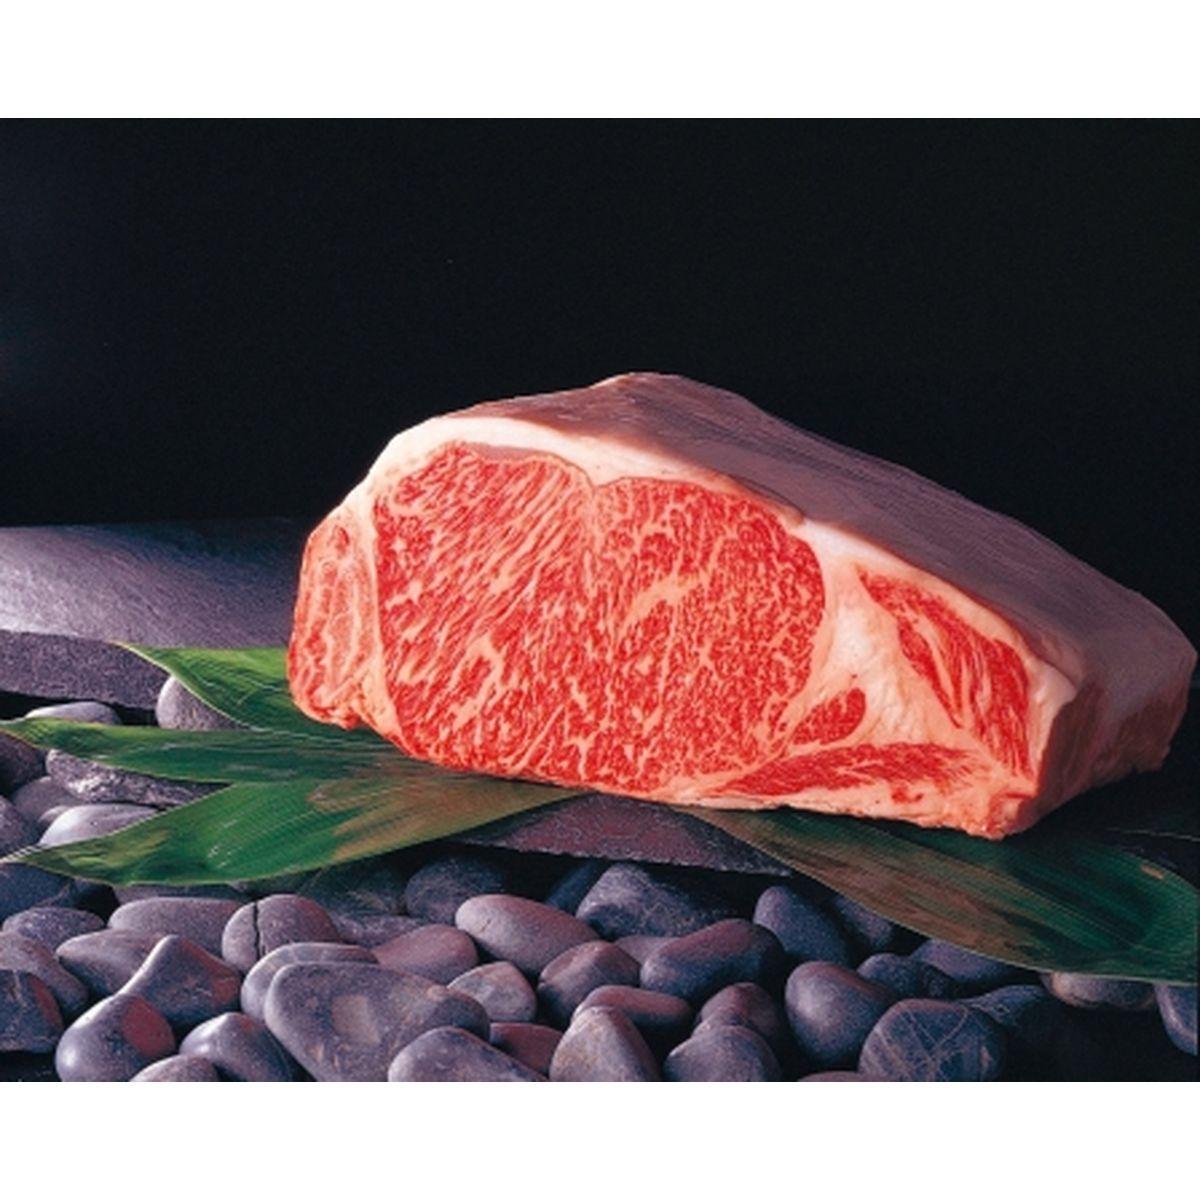 【送料無料】山形農業協同組合 山形牛 ロース・モモ ステーキ用 420g(ロース200g モモ110g×2枚)